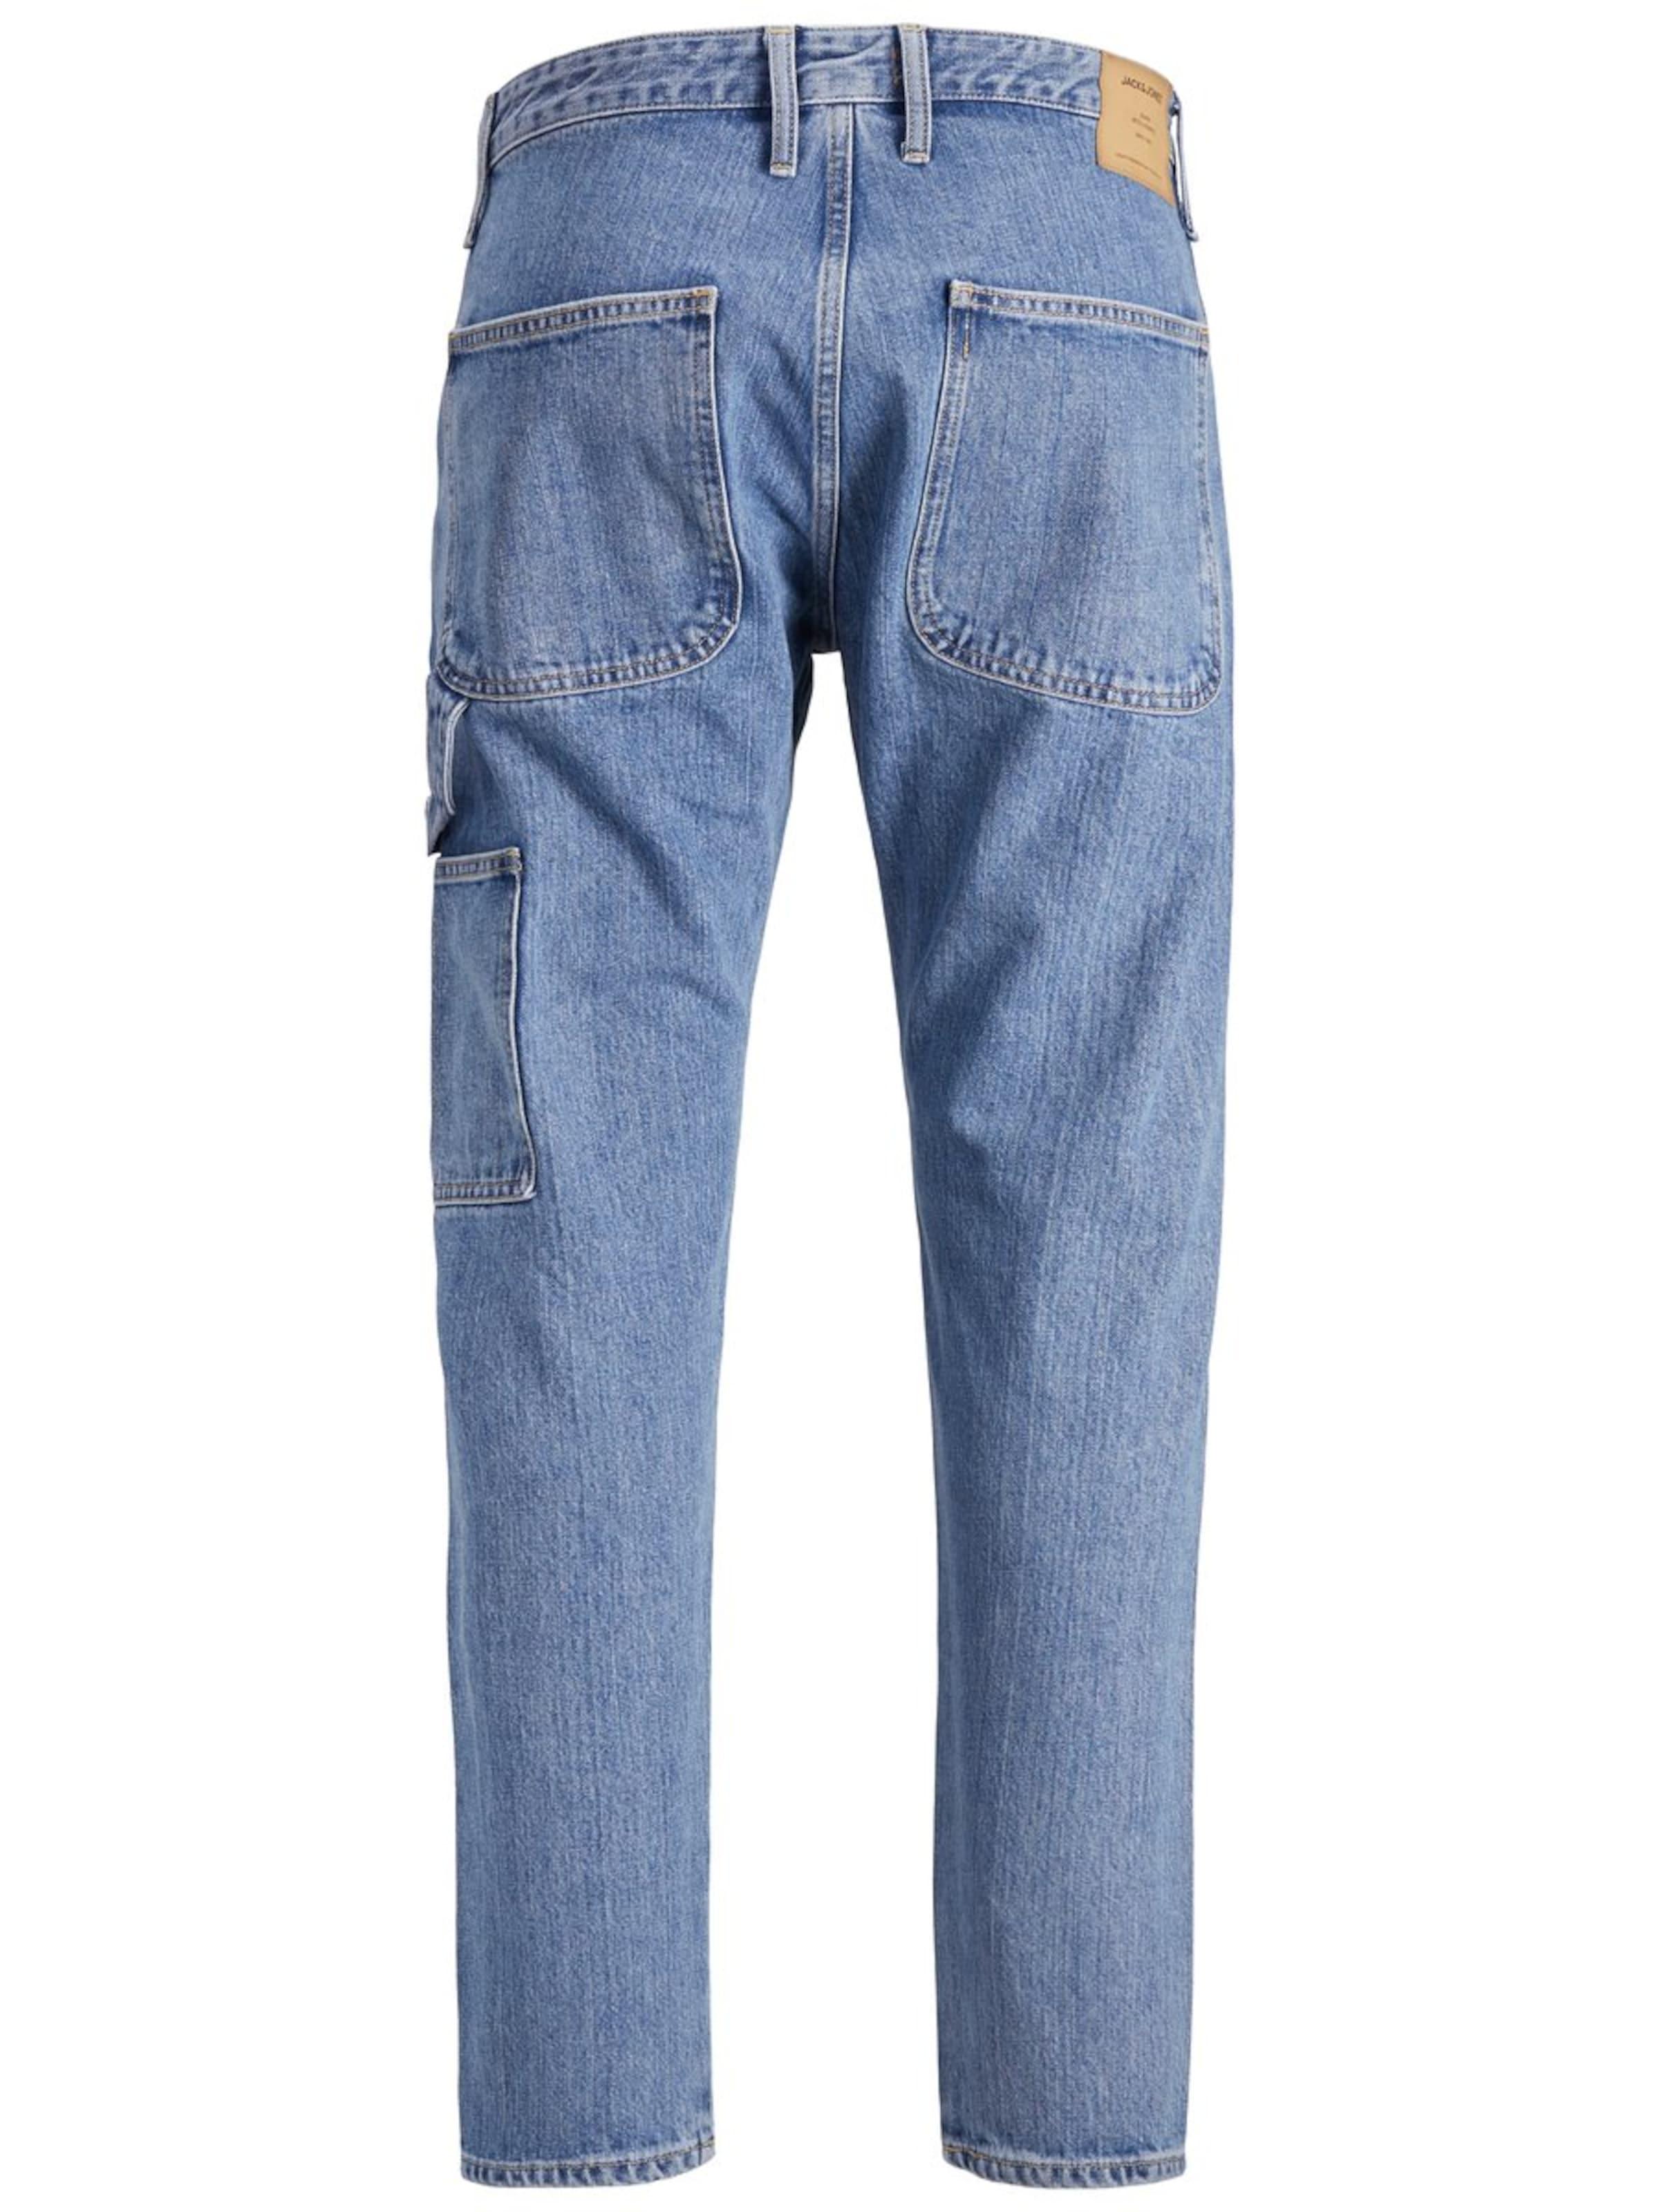 Blue Jeans 039' 'fred Tool Denim Jones Jackamp; In Cj H9E2DYIW